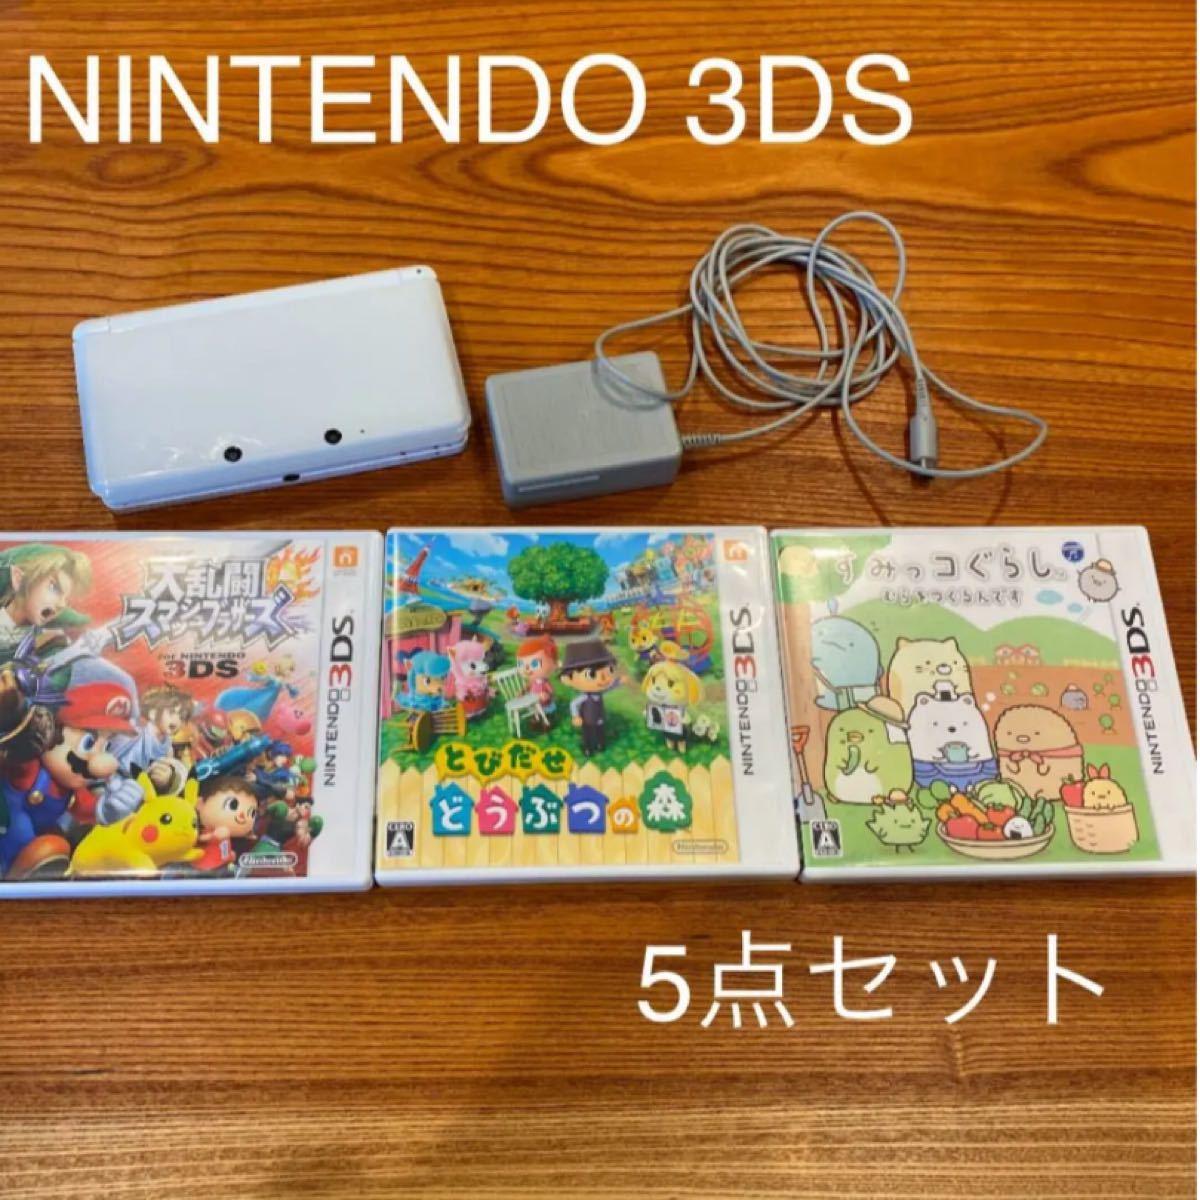 NINTENDO 3DS ソフト3点 充電器セット